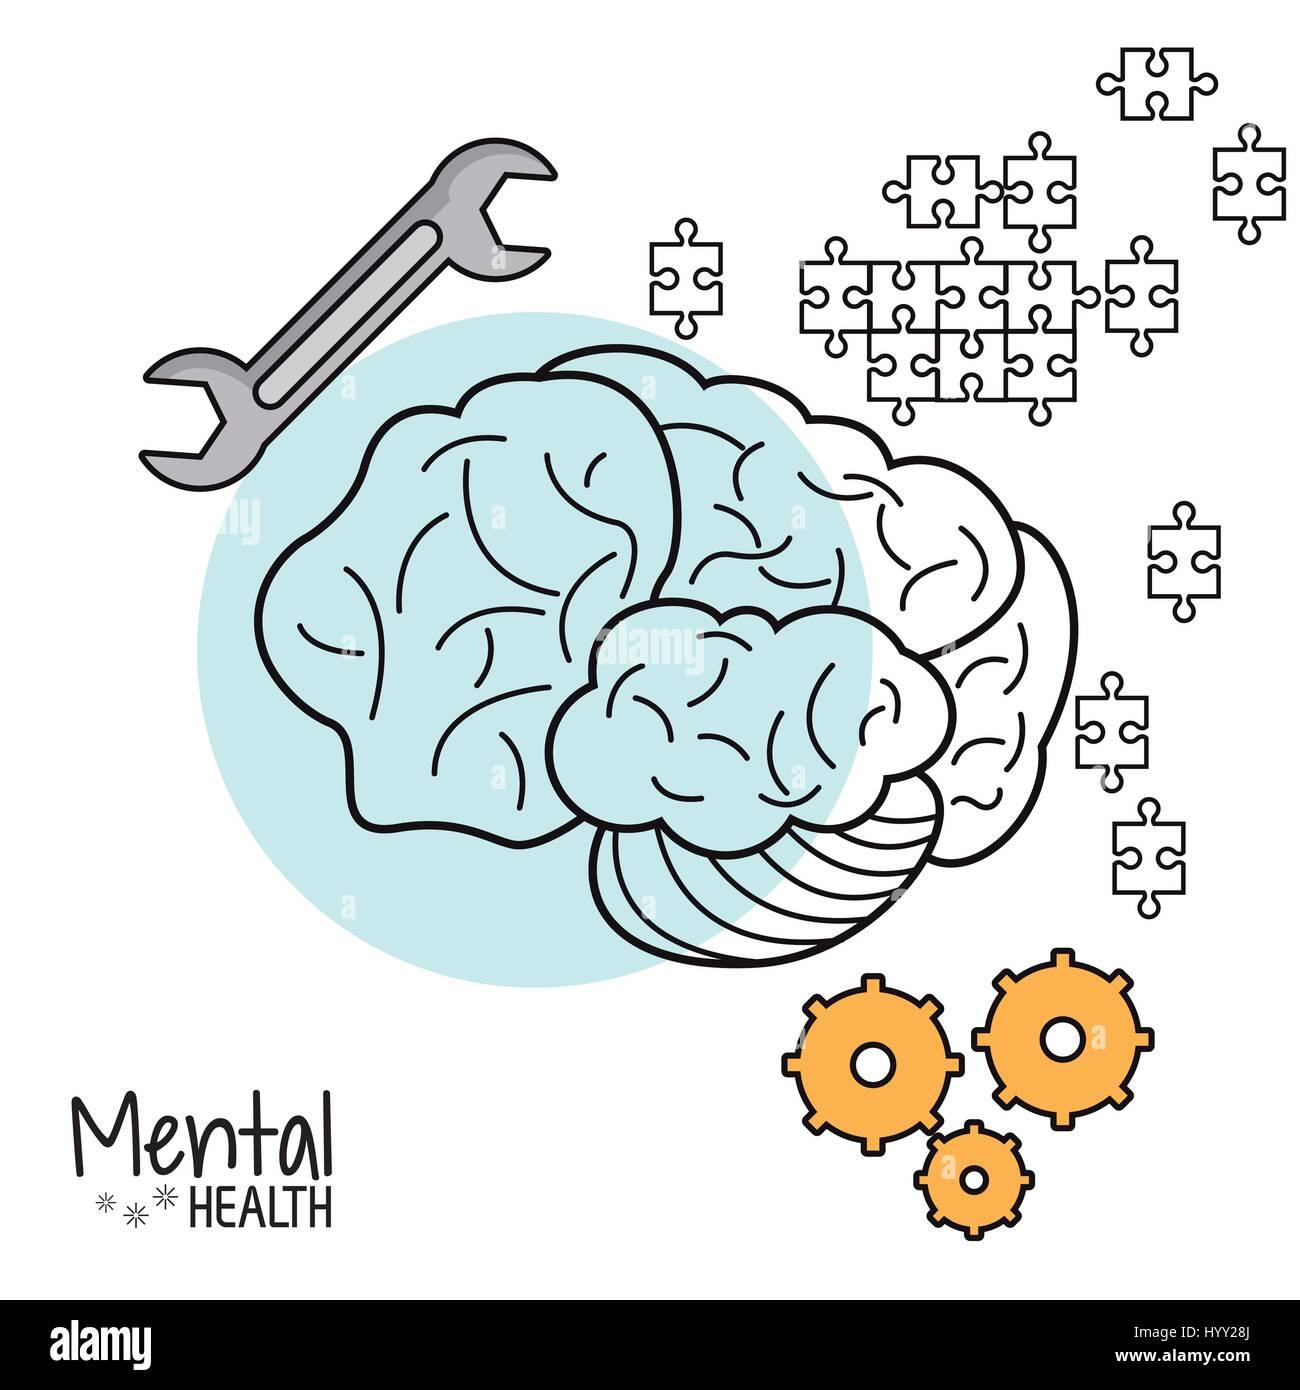 La salute mentale cervello ingranaggio strumento puzzle Immagini Stock